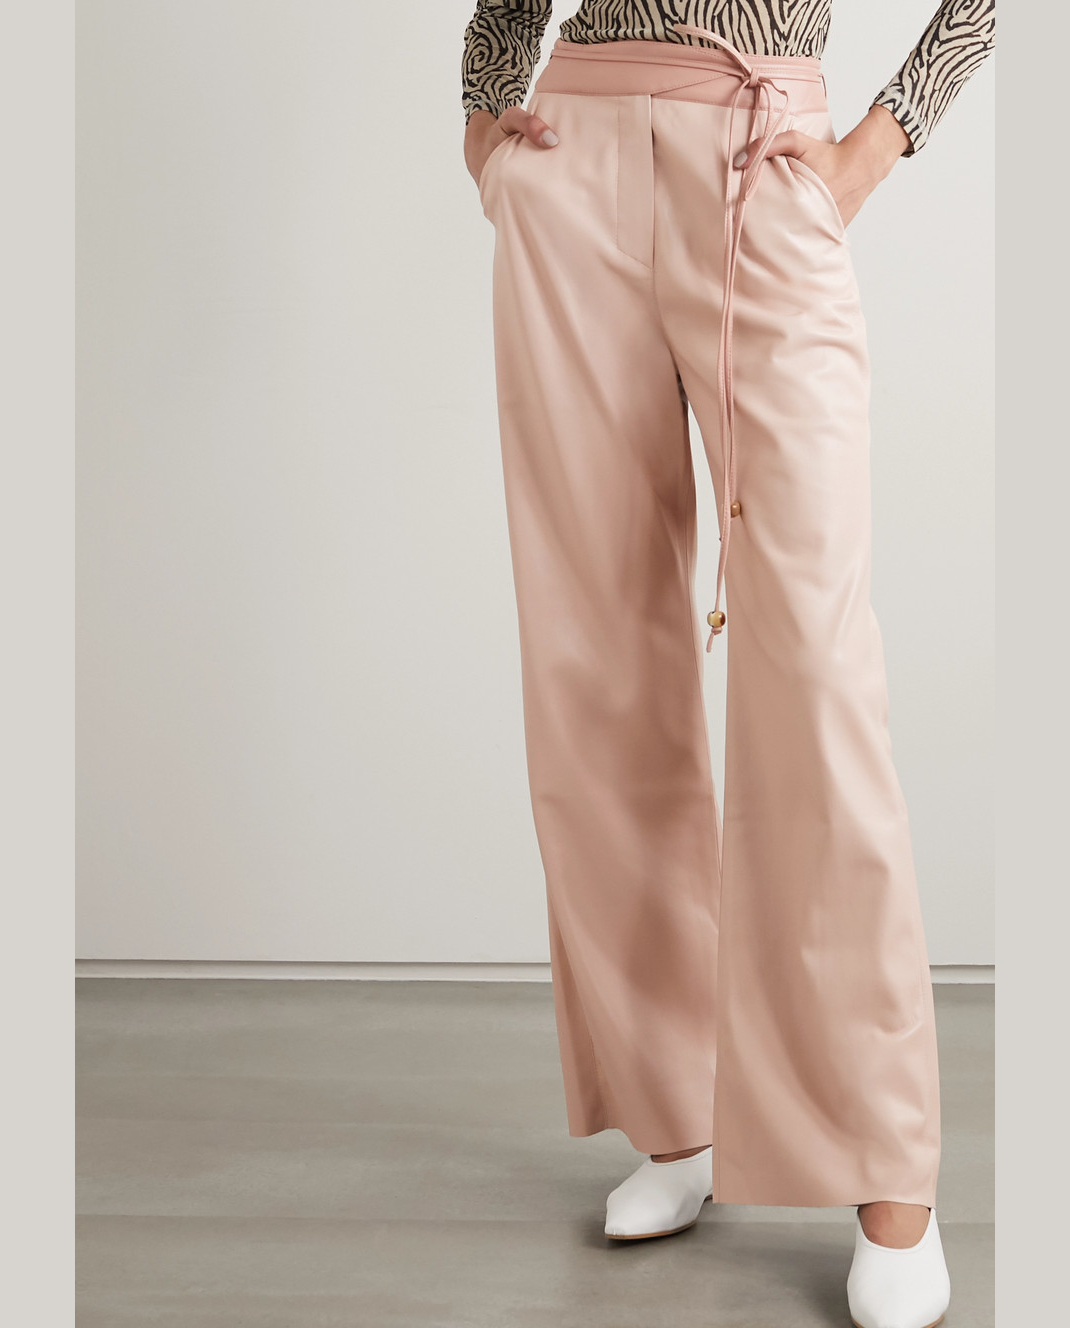 μοντέλο με παστέλ παντελόνι Nanushka